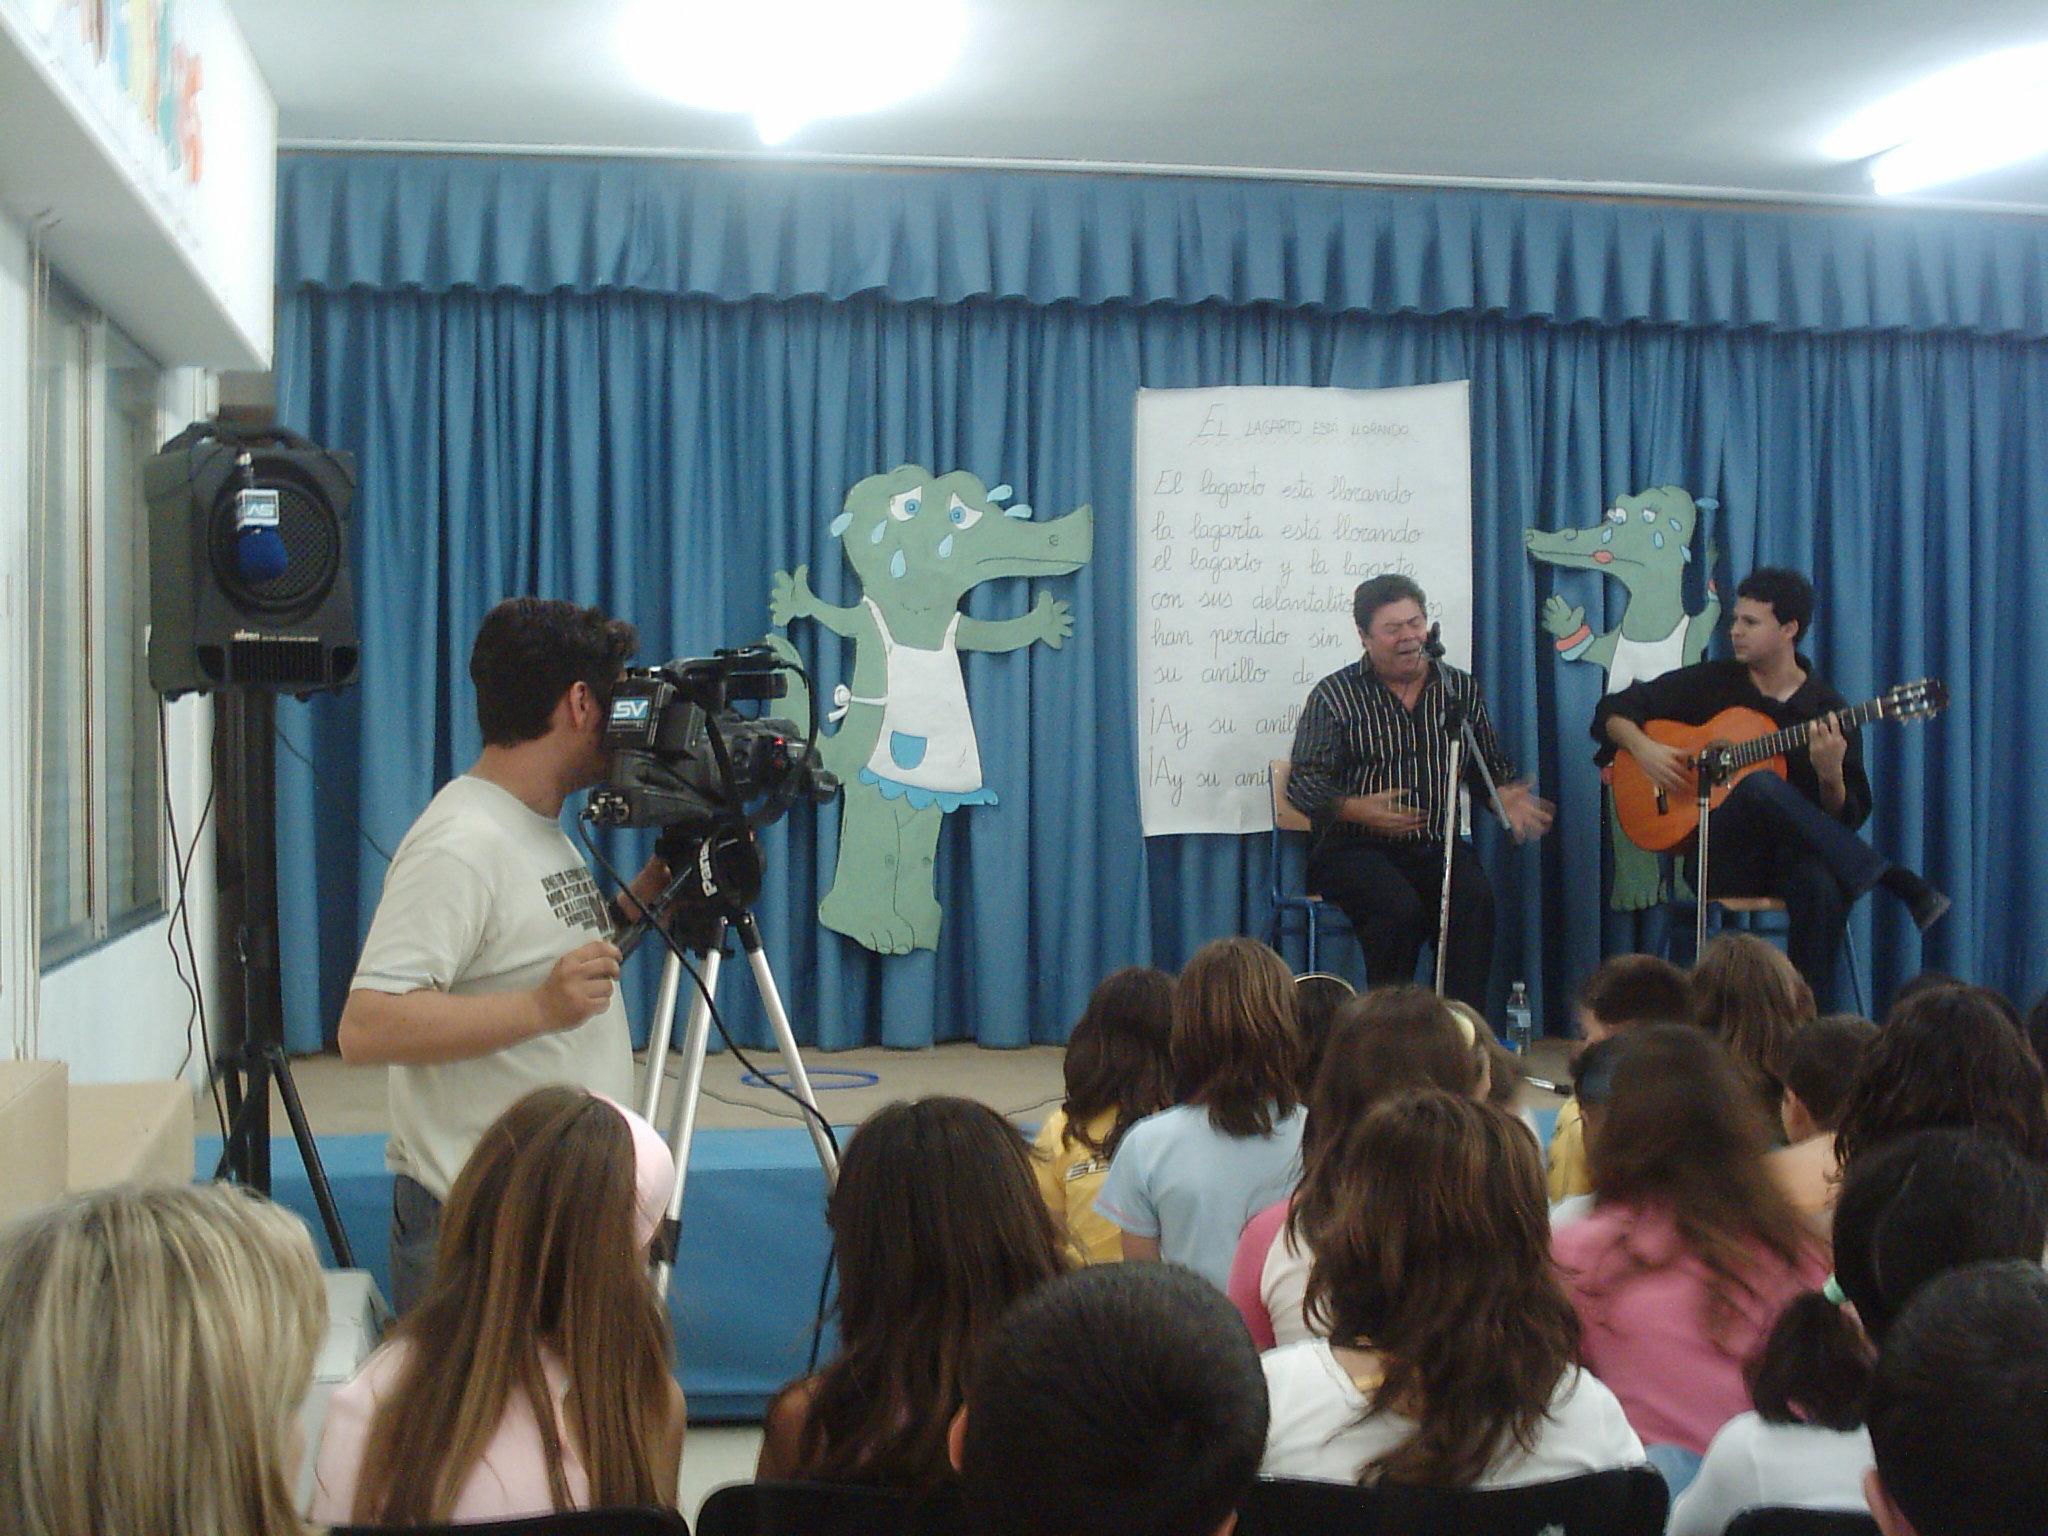 Recital Alconchel y Juan Diego (Recital cante Alconchel y Juan Diego 15-mayo-2007.JPG)